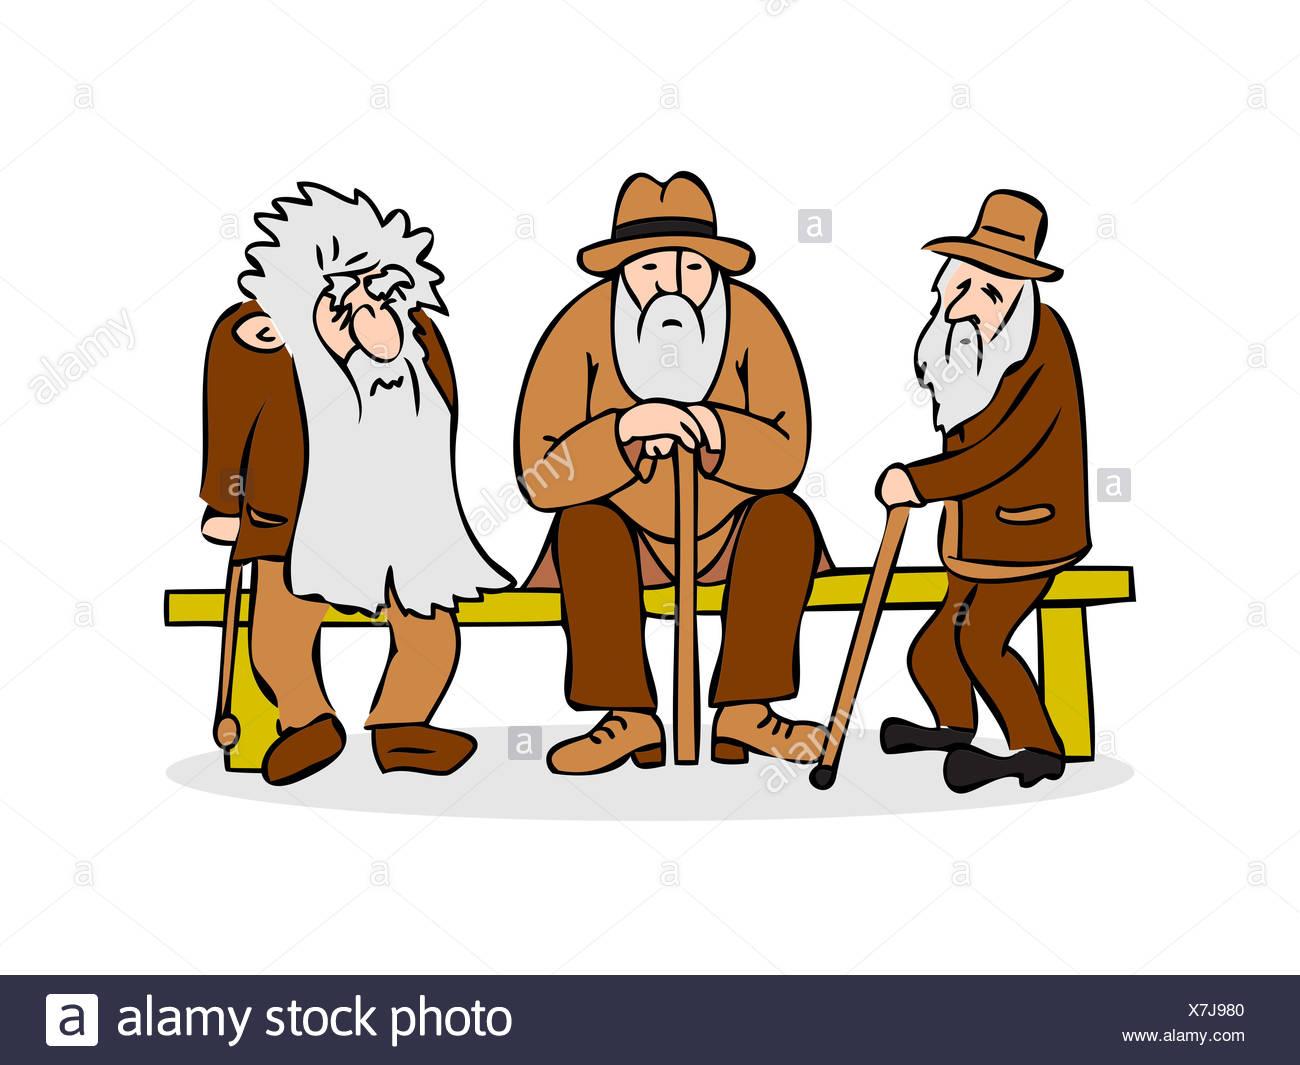 alter mann lustig